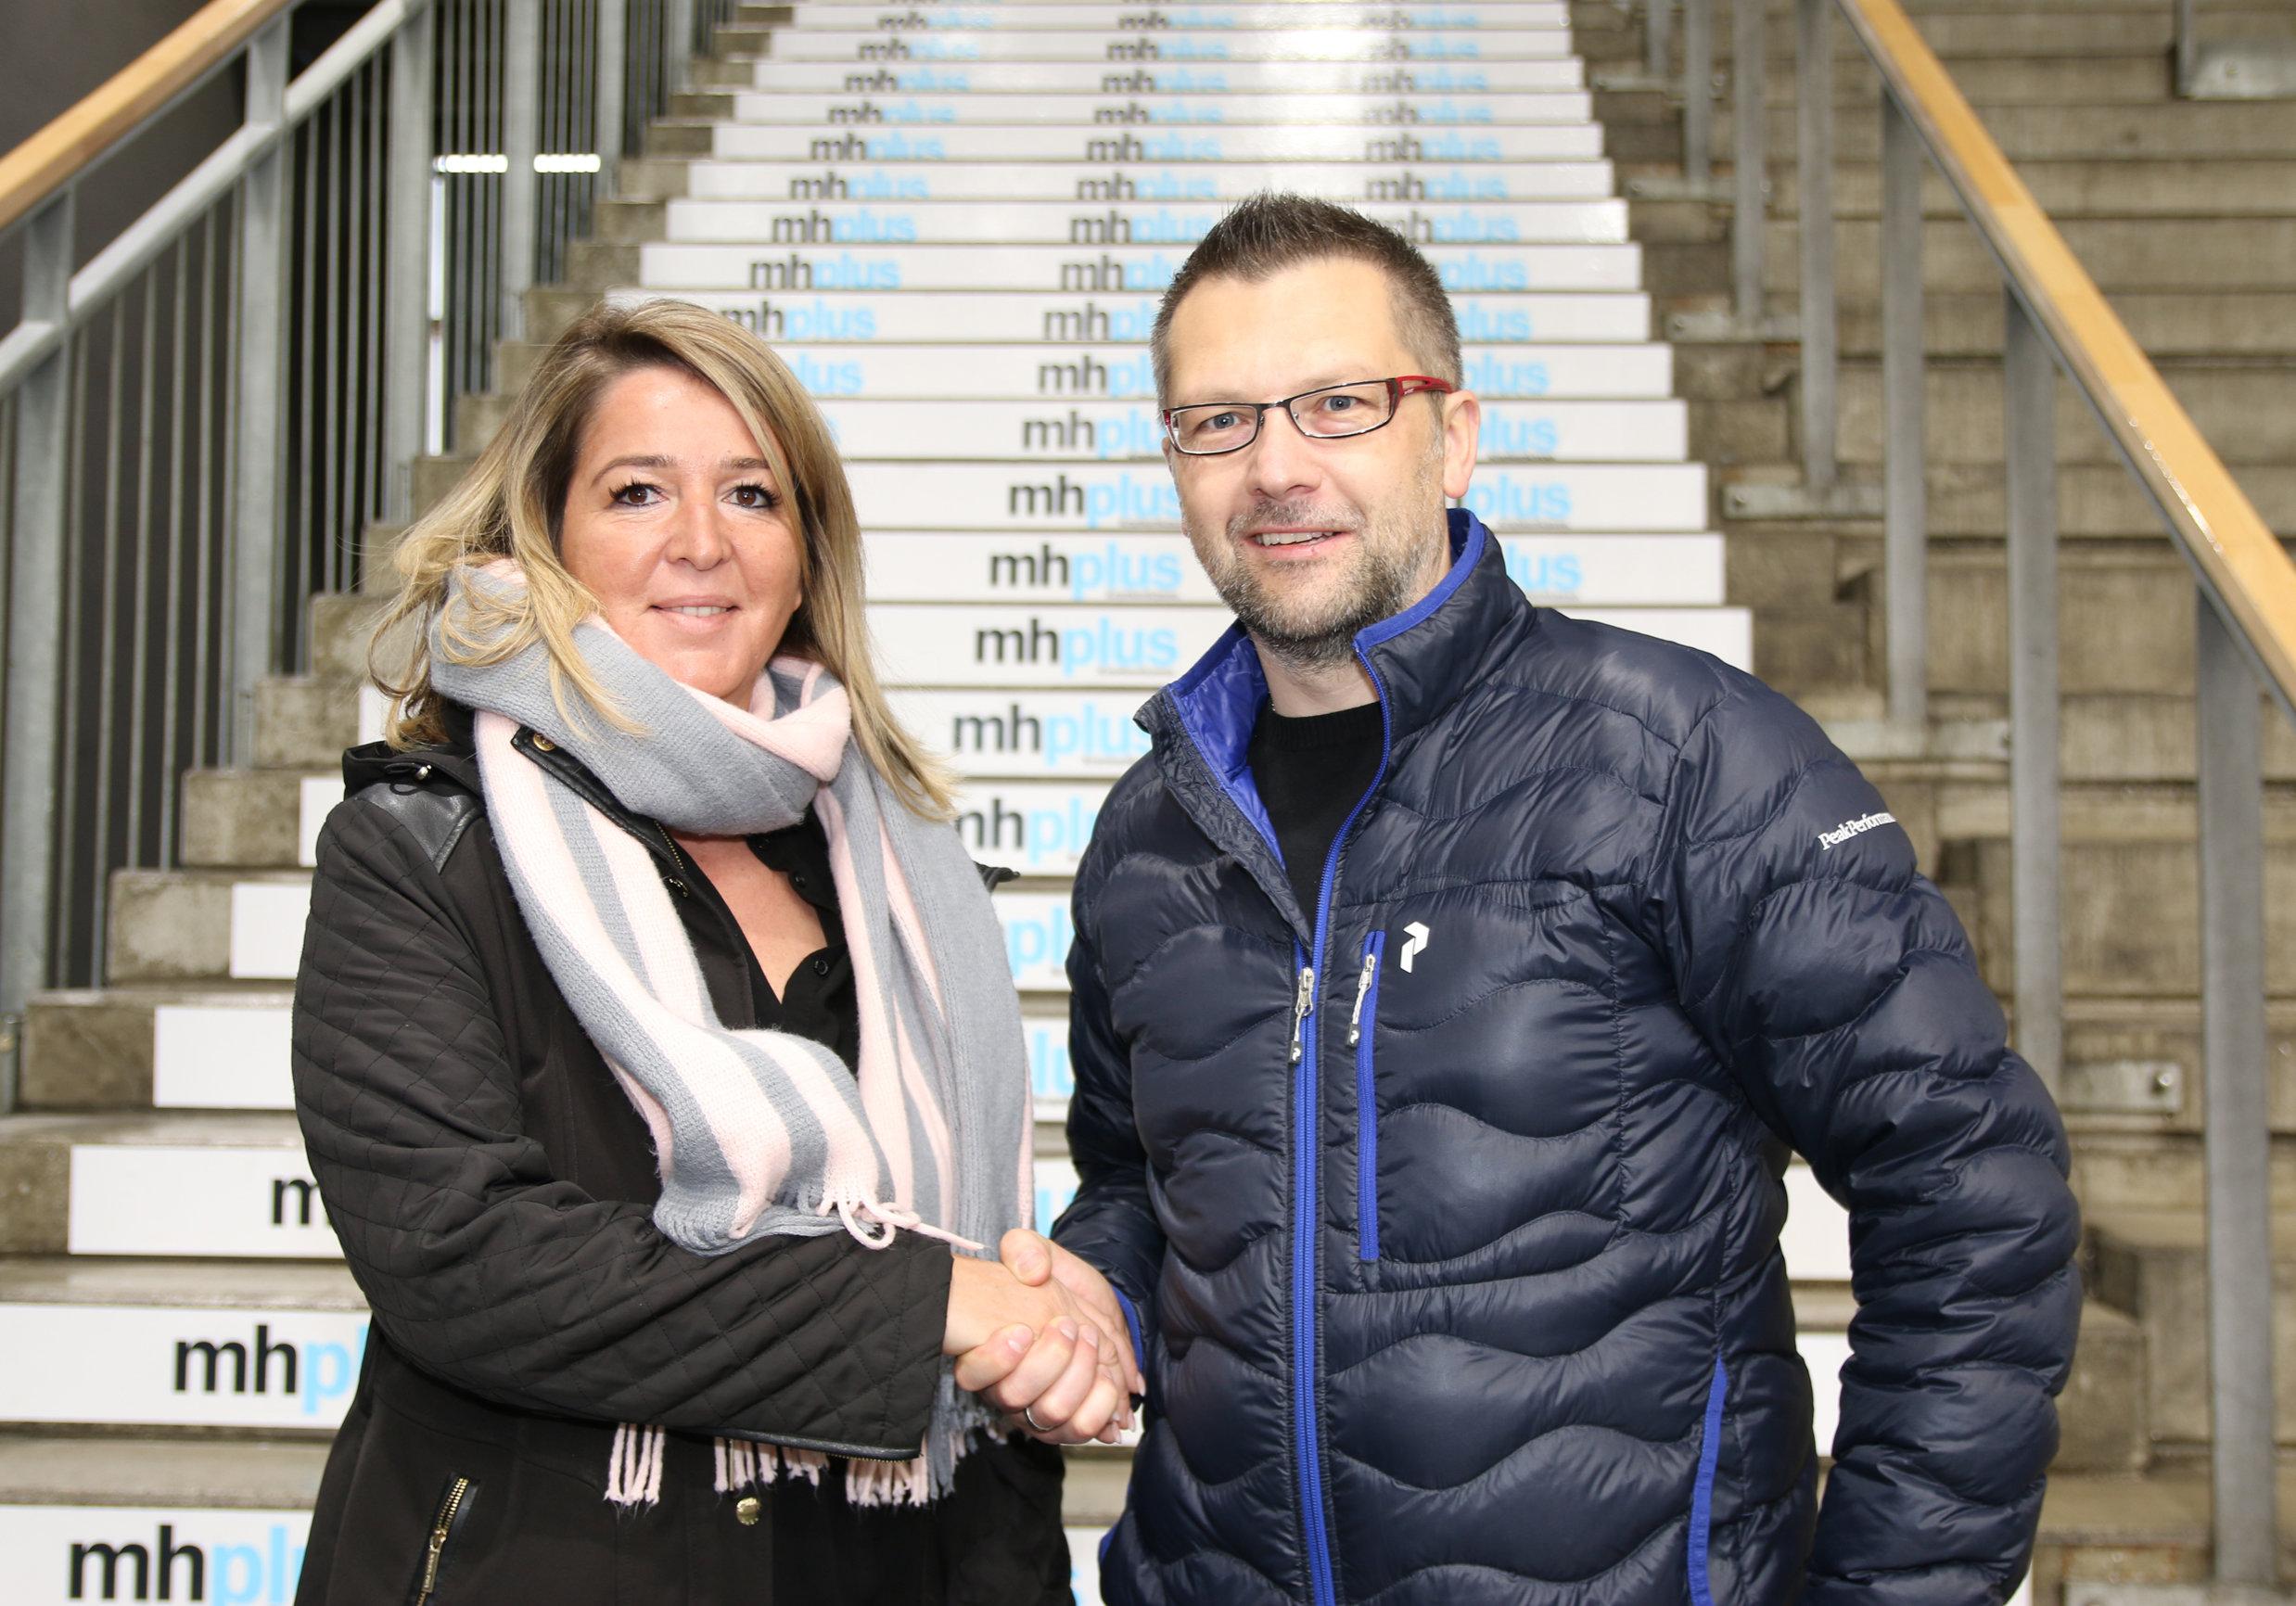 Sandra Dietz von mhplus mit Towerstars Geschäftsführer Rainer Schan.